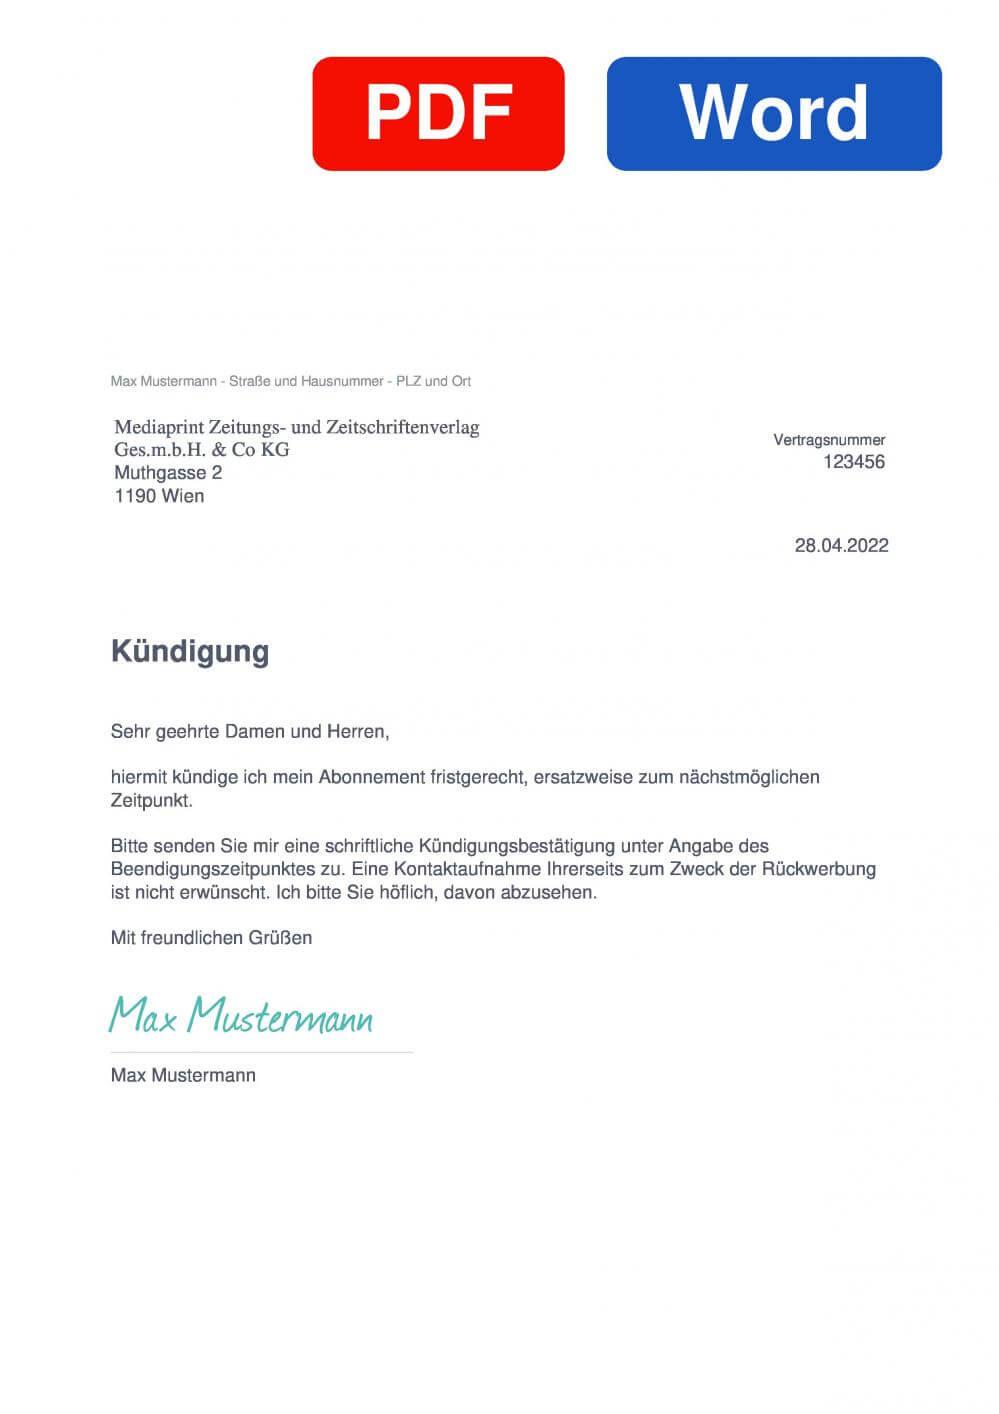 Kurier Muster Vorlage für Kündigungsschreiben